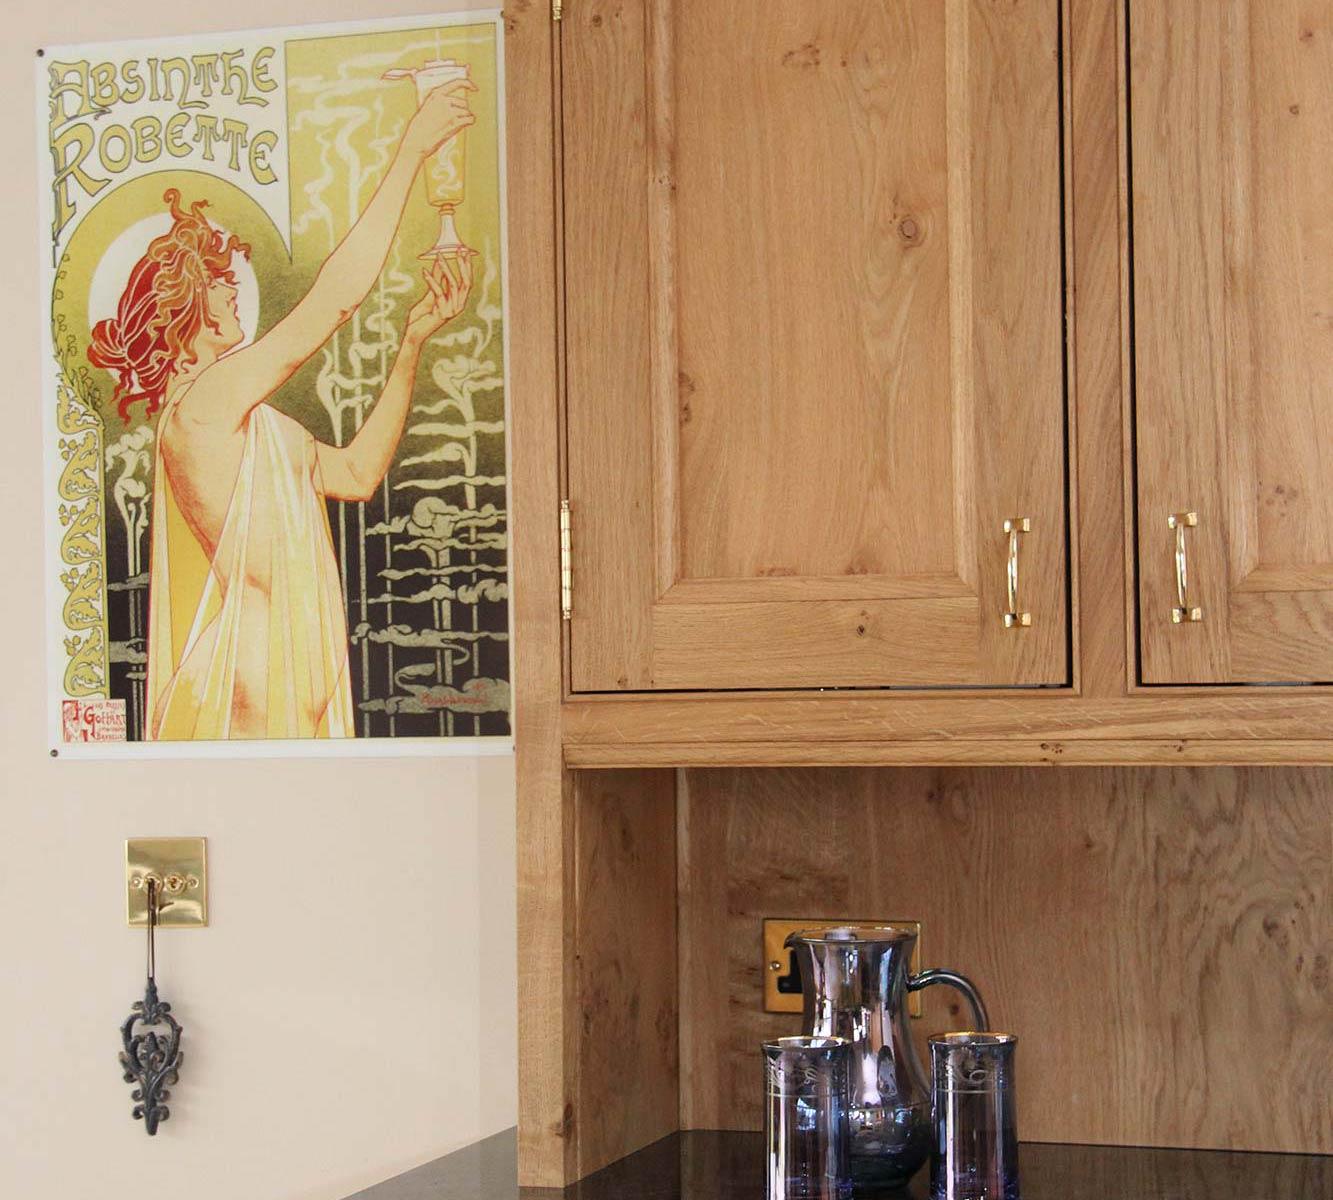 Frank-Anthony-Kitchens-Handbuilt-Wells-Oak-Pizza-Oven-Dresser-v2